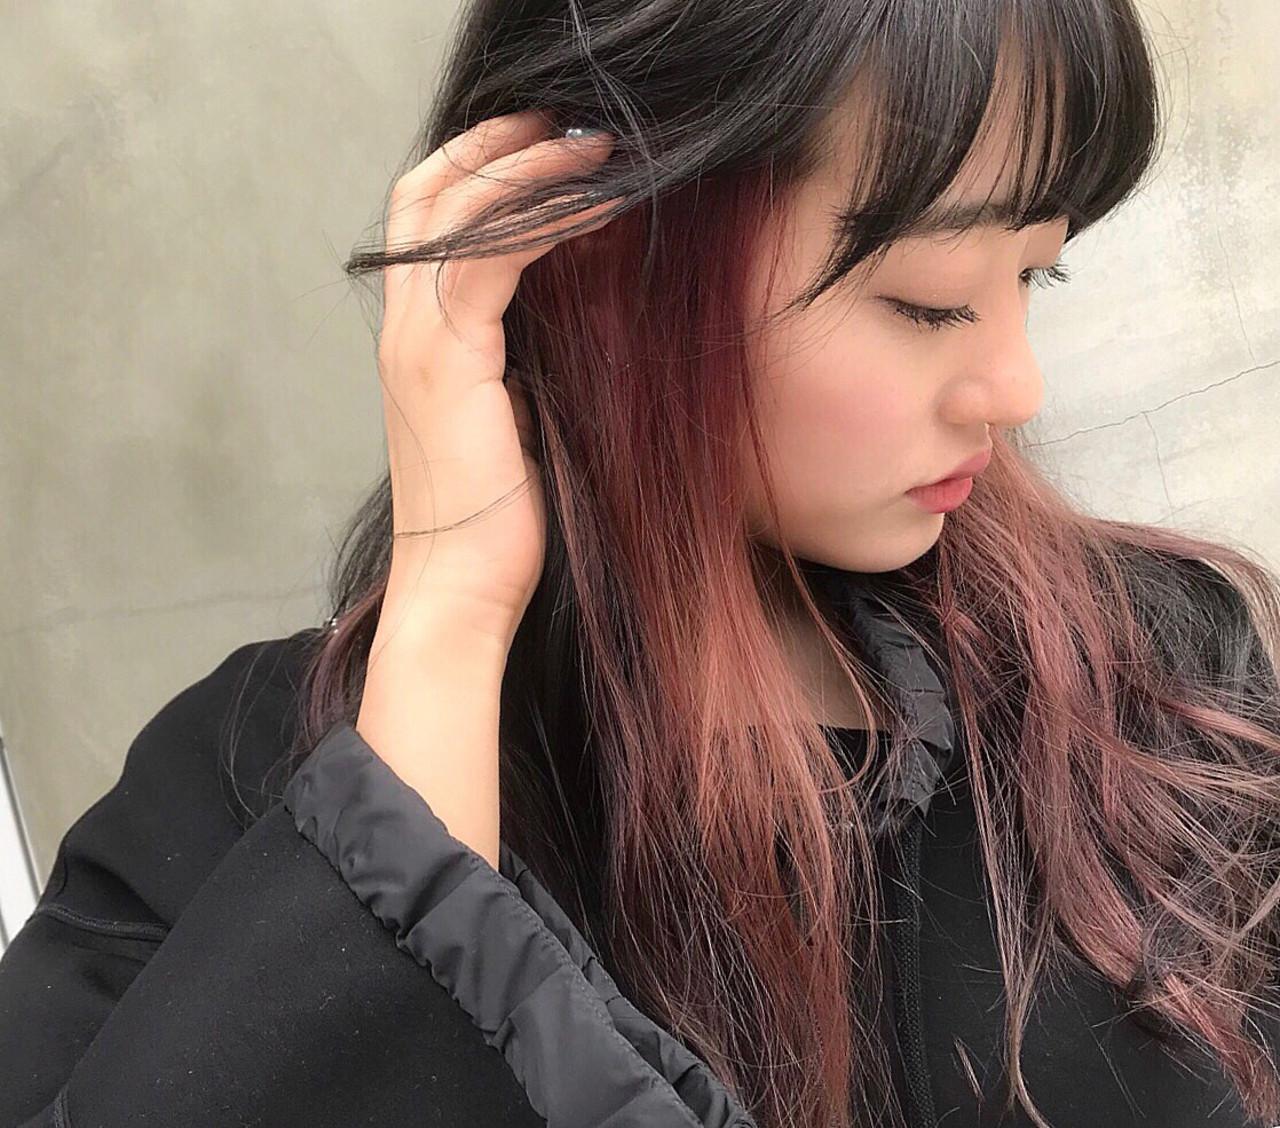 【ピンクベージュのインナーカラー】??✨    【instagram】 @makiyama56 @chobii.official   【新規様限定】 カット+カラー+シルキーアクアTR  ¥7900 カラー+シルキーアクアTR ¥5250 ...,etc  外国人風、大人可愛い、ナチュラル、やり過ぎずシンプル過ぎないほんのりトレンドもおさえたスタイルならお任せください✨   いままでなかなか思い通りのヘアスタイルにならなかった方、何が自分に似合うかわからない方など、しっかり丁寧にカウンセリングさせて頂いて施術しますのでお任せ下さい✨     カラーもロング料金などはありません☀️ お得な期間限定のメニューも充実しています✨ 予約優先になりますのでご予約はお早めをオススメします!  TEL 0364471680   web予約↪︎ https://beauty.hotpepper.jp/smartphone/slnH000256271/stylist/T000437810/